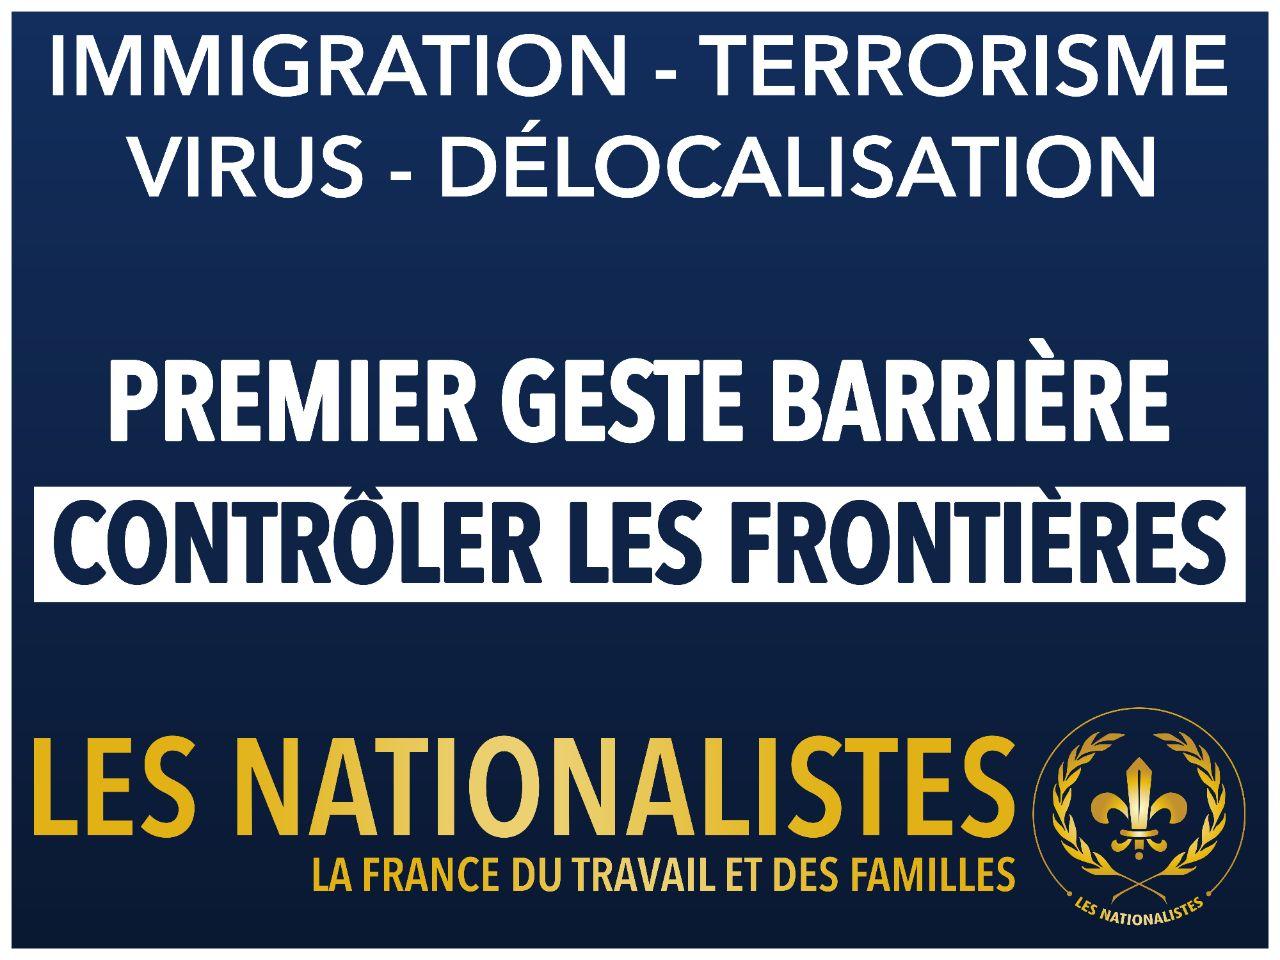 VISUEL : Premier geste barrière : contrôler les frontières - Les  Nationalistes